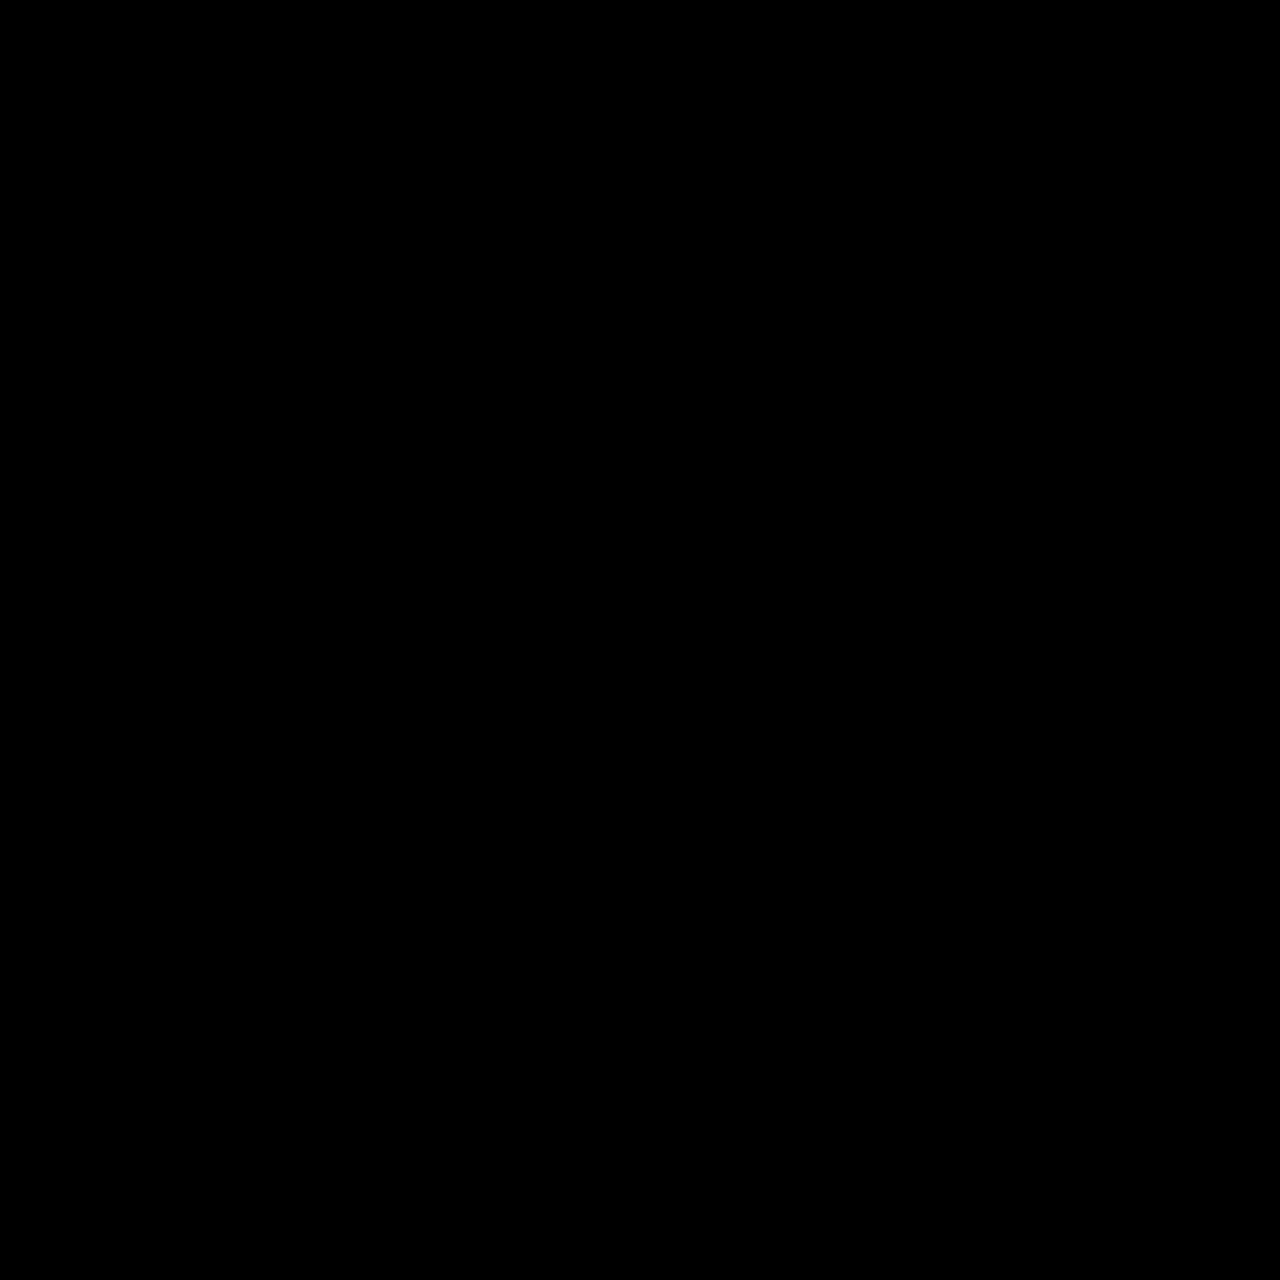 V51-90 Wrought Iron Black